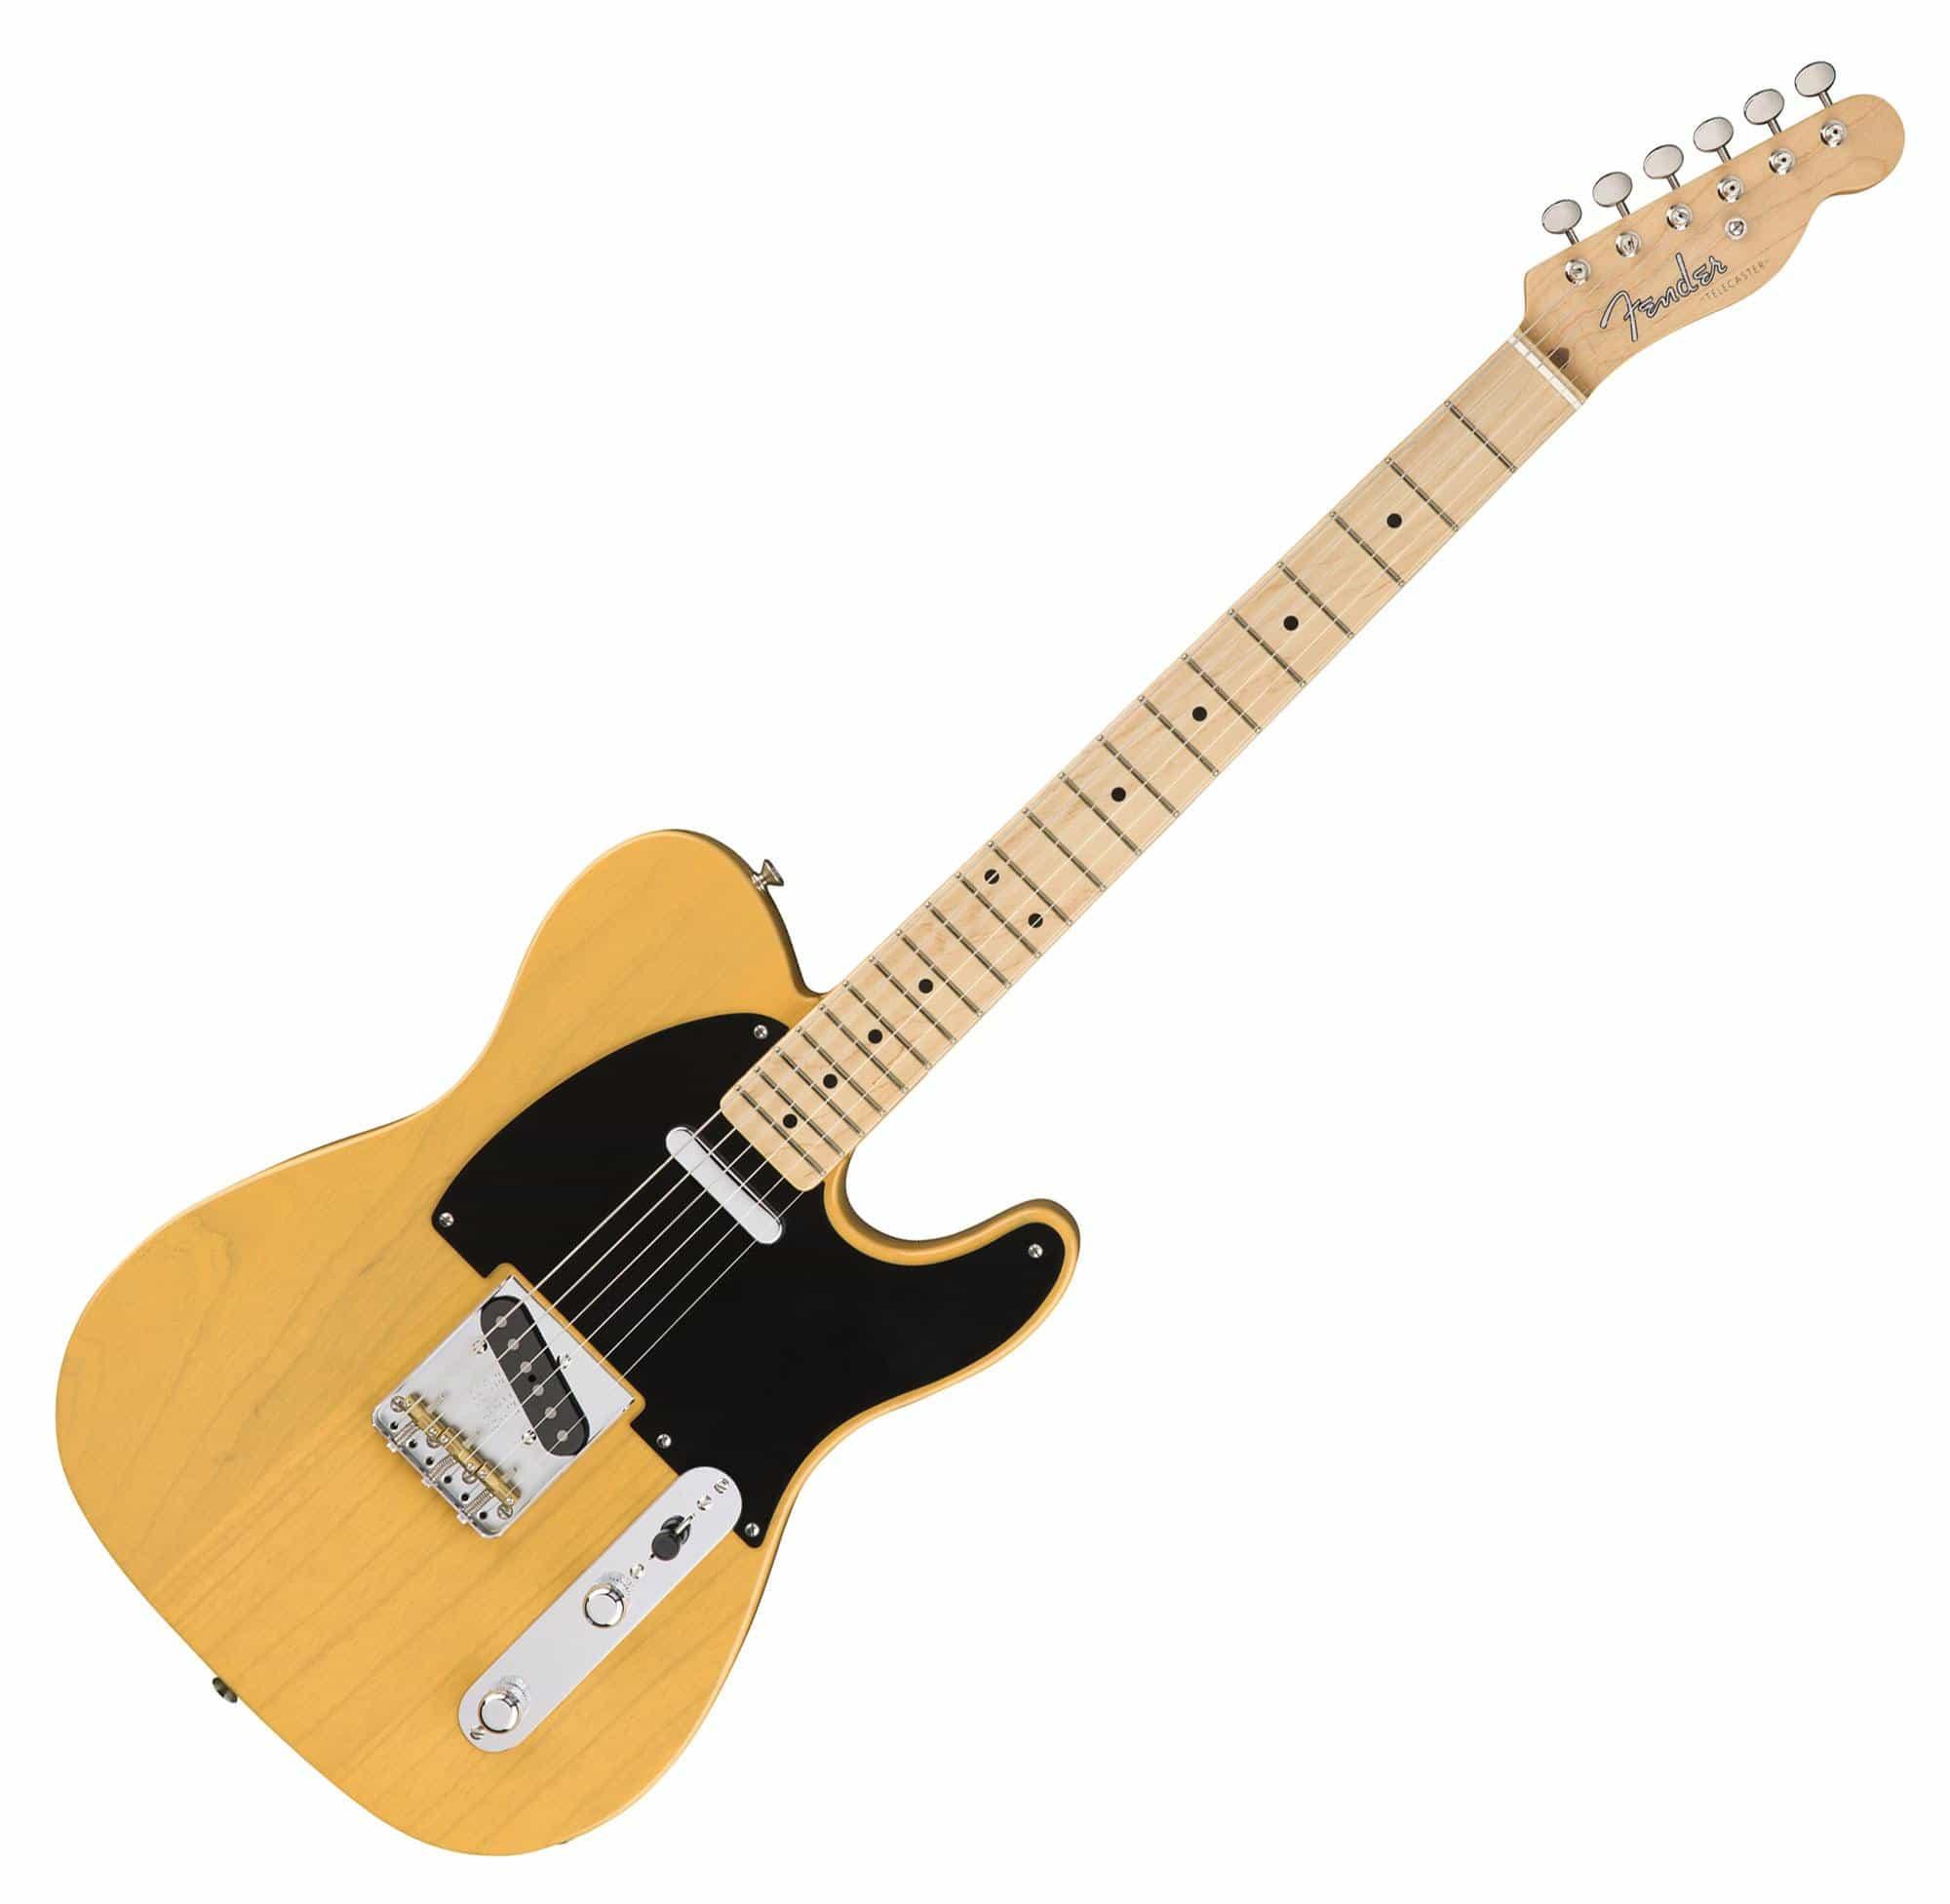 Egitarren - Fender American Original 50's Tele MN BTB - Onlineshop Musikhaus Kirstein